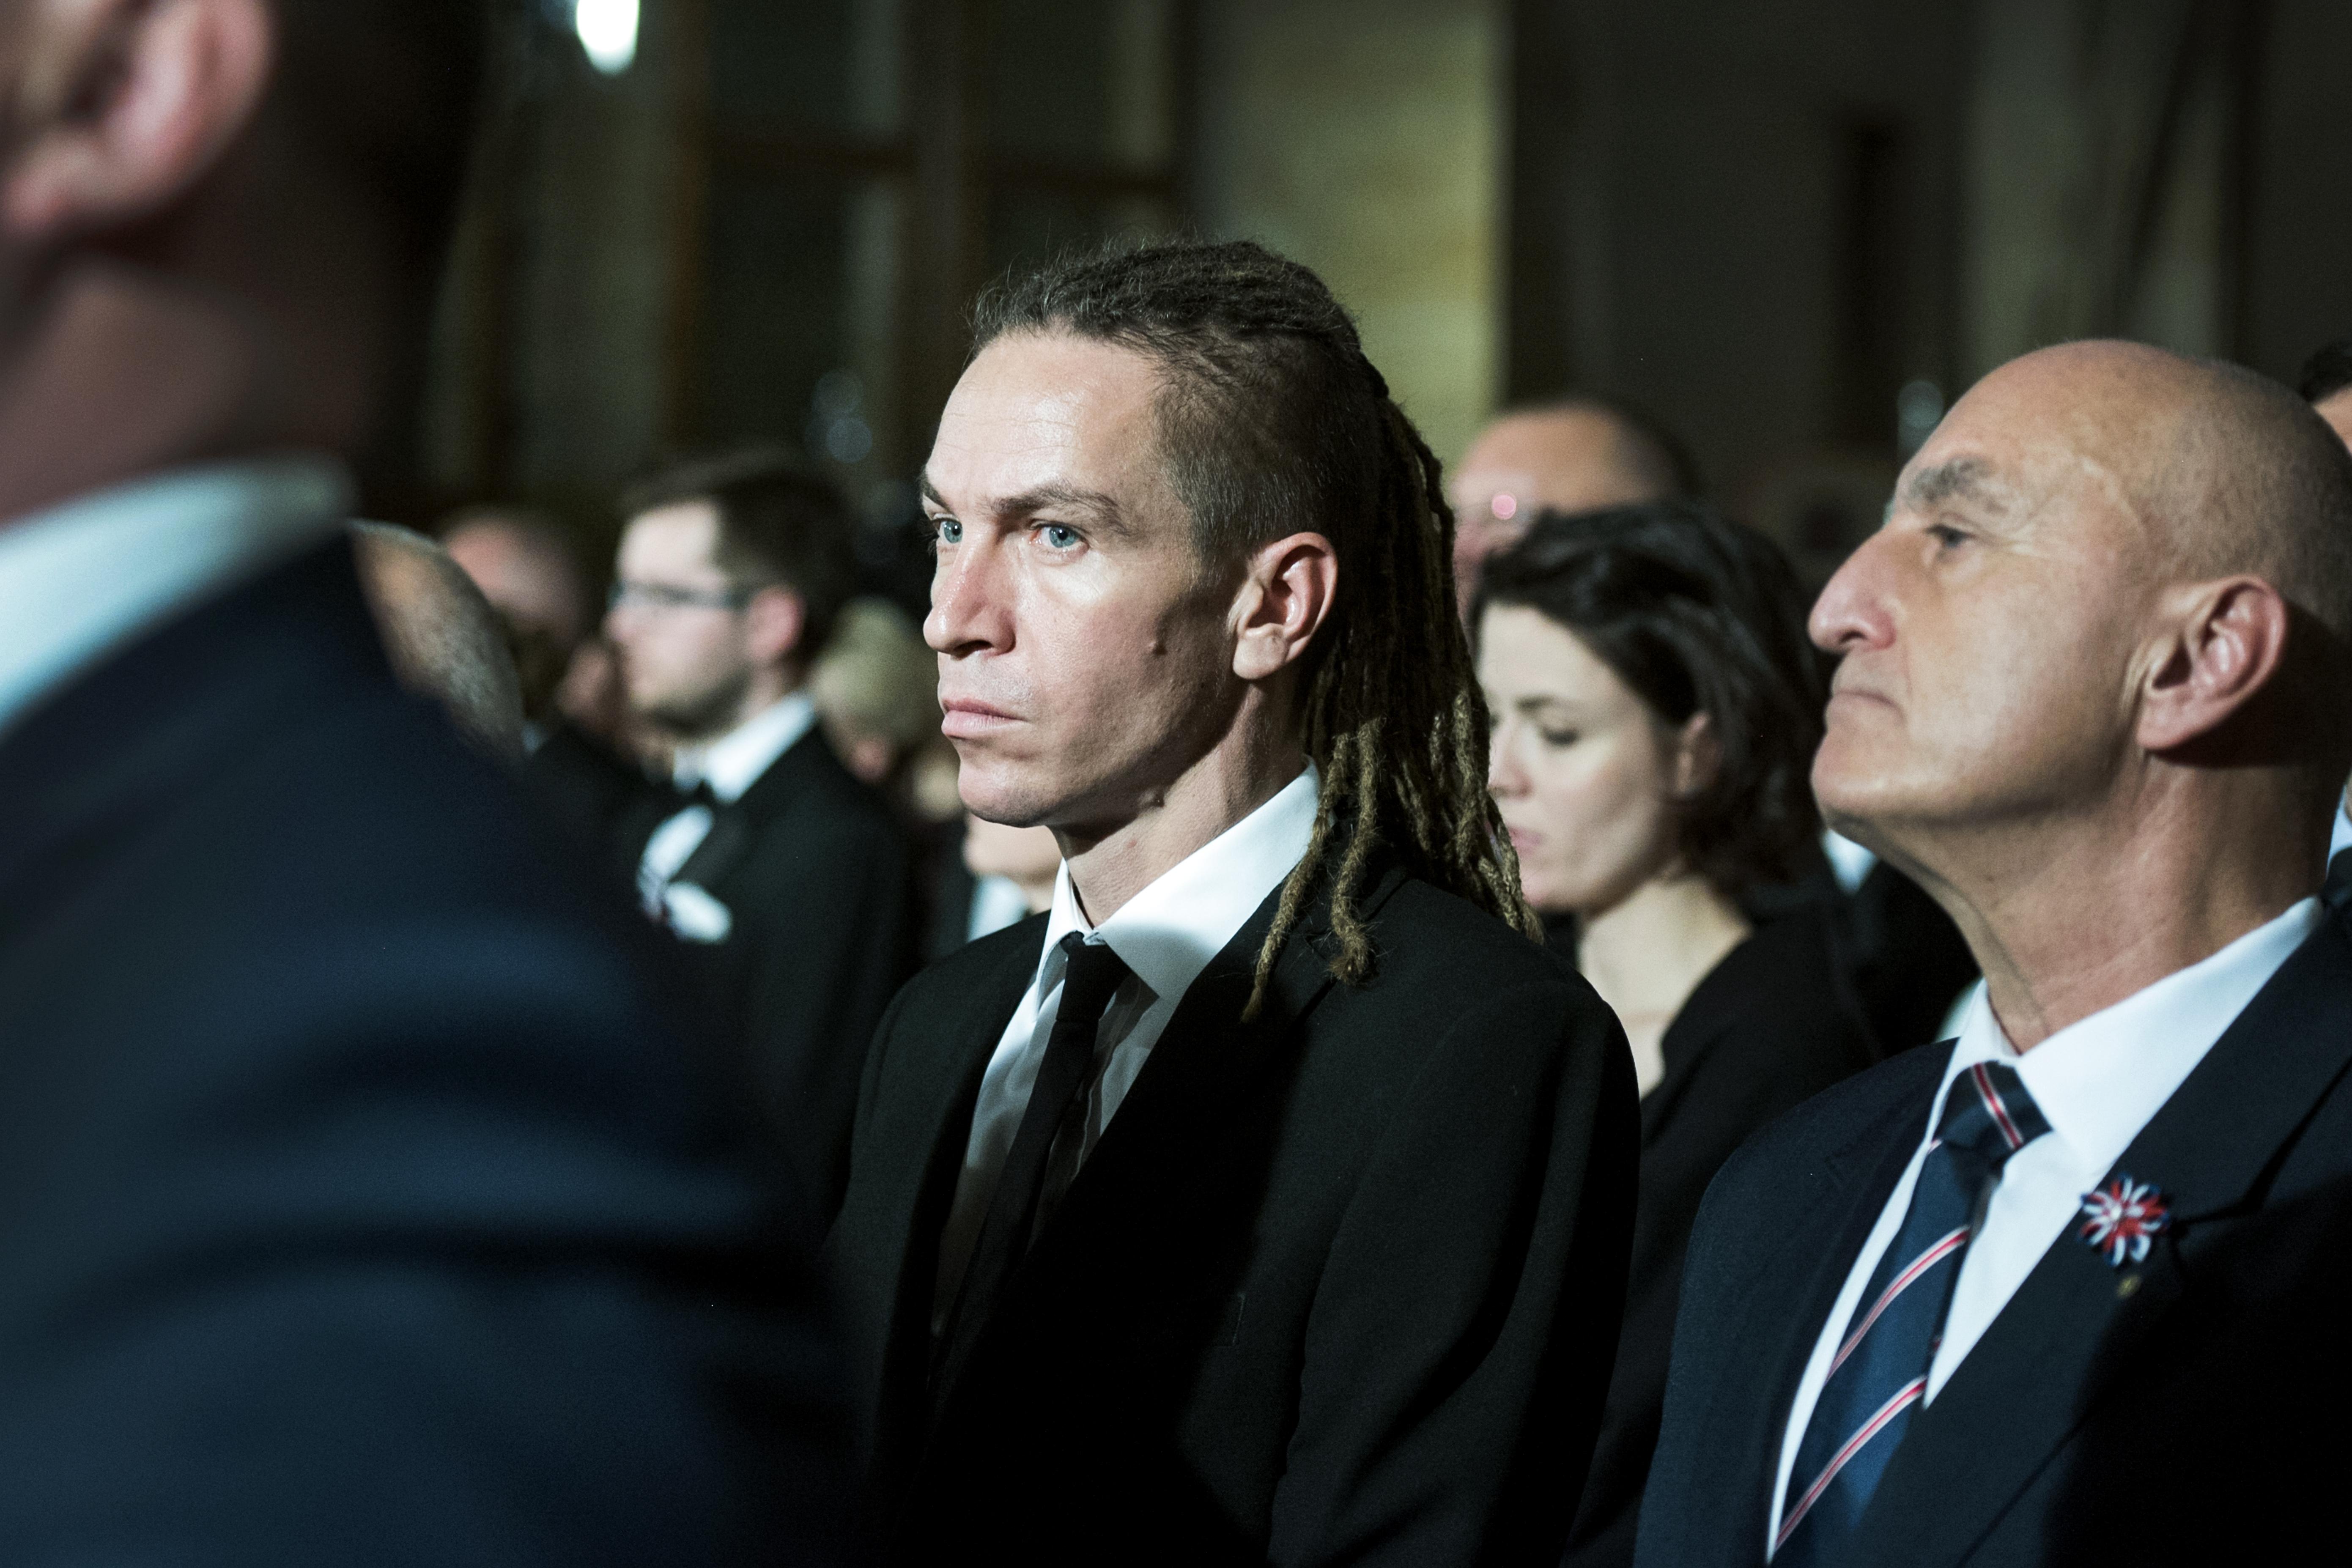 Předseda Pirátů Ivan Bartoš ve Vladislavském sále